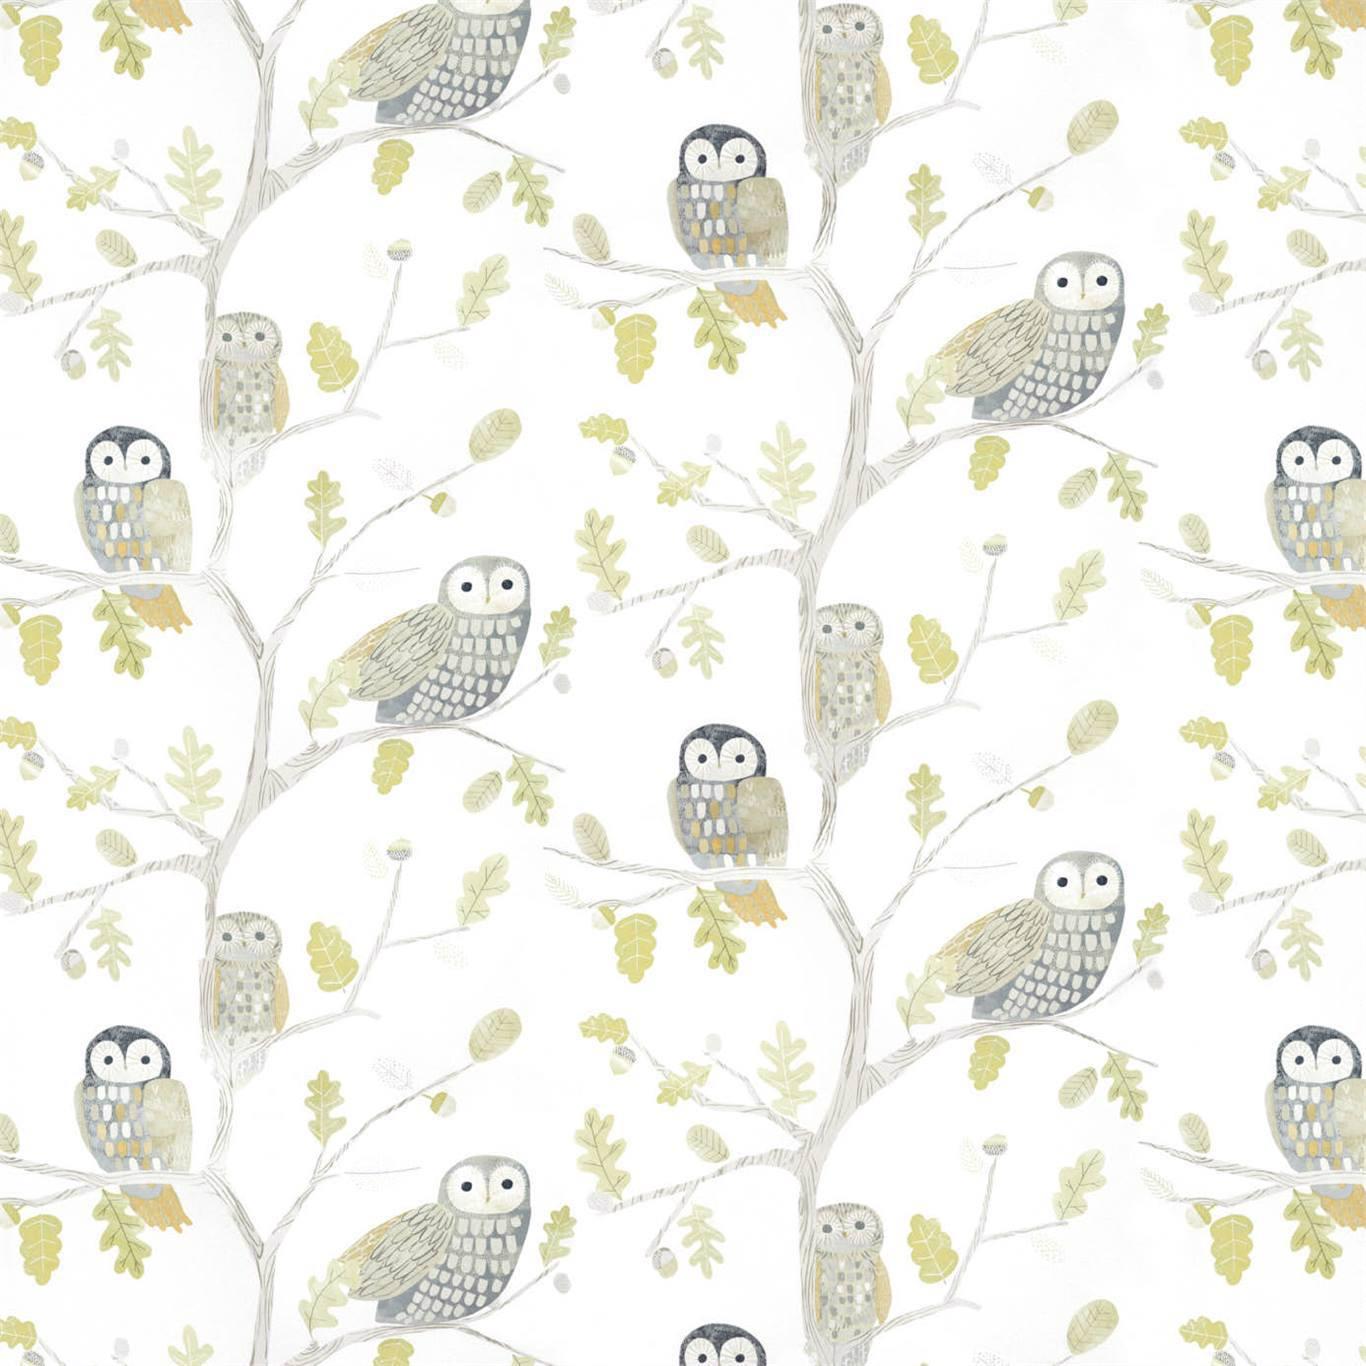 Little Owls by HAR